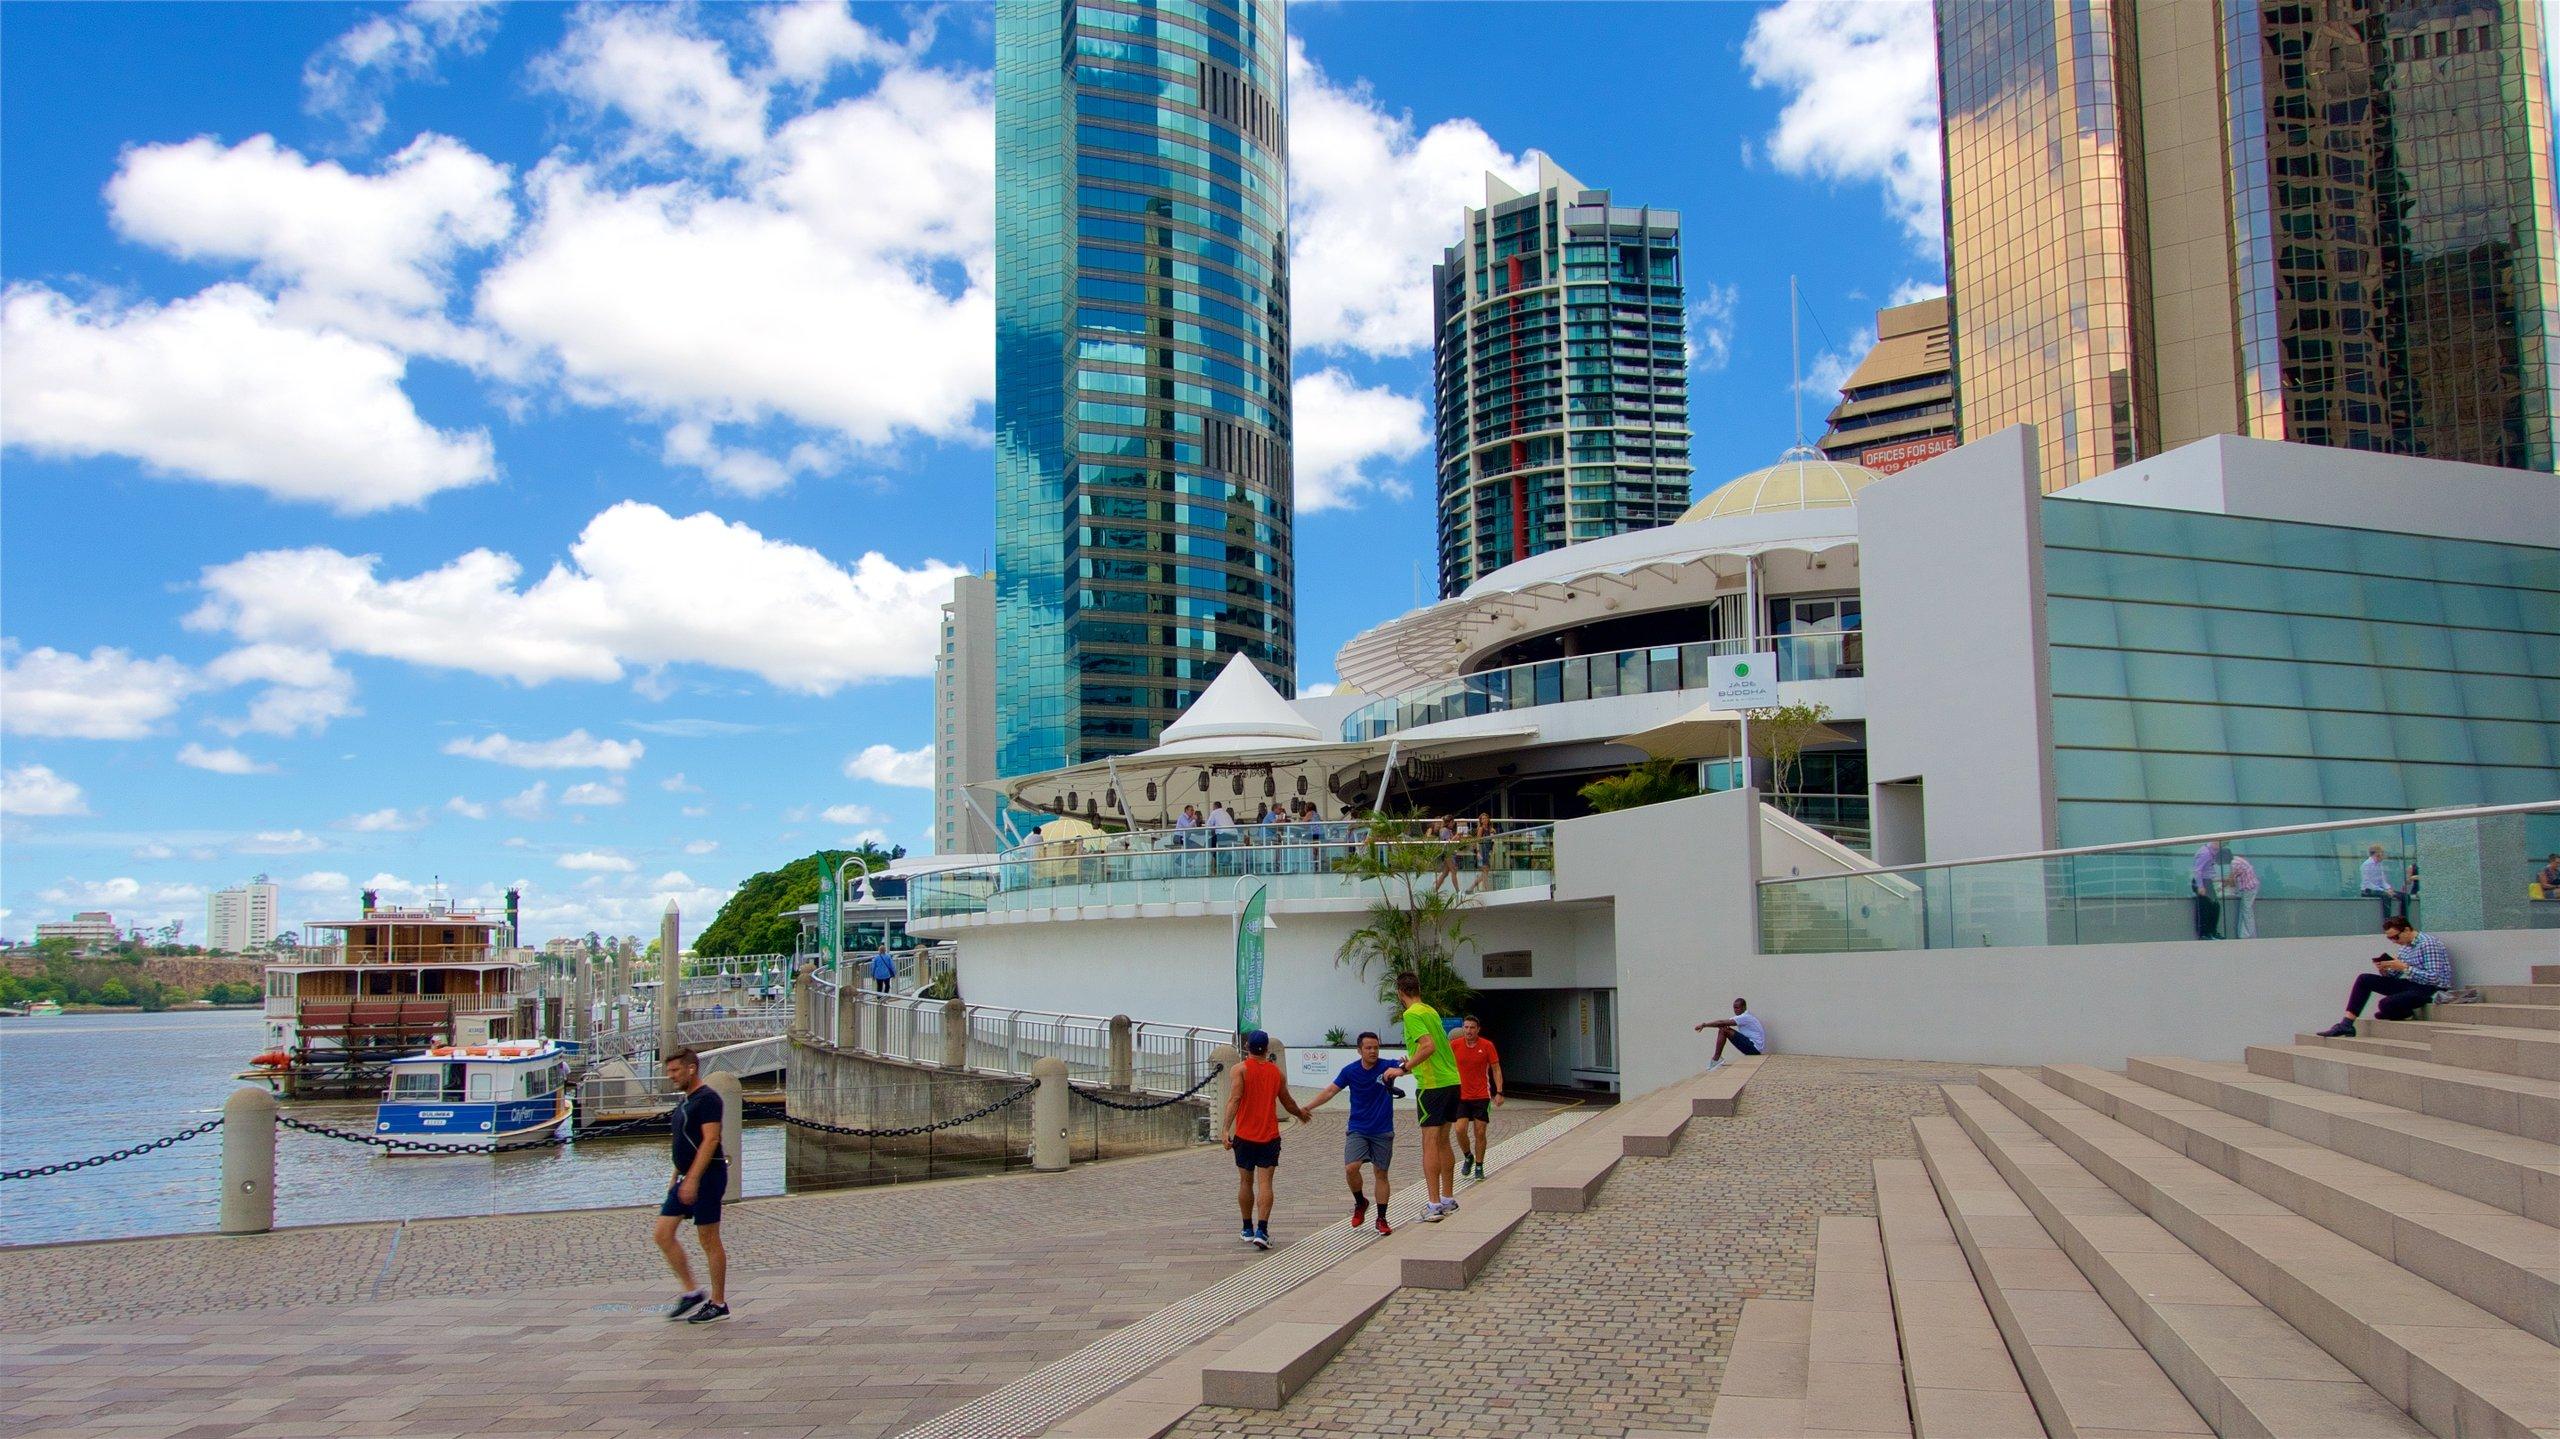 Brisbane har en fin hamn som heter Eagle Street Pier. Njut av museerna och besök butikerna i detta kulturella område.